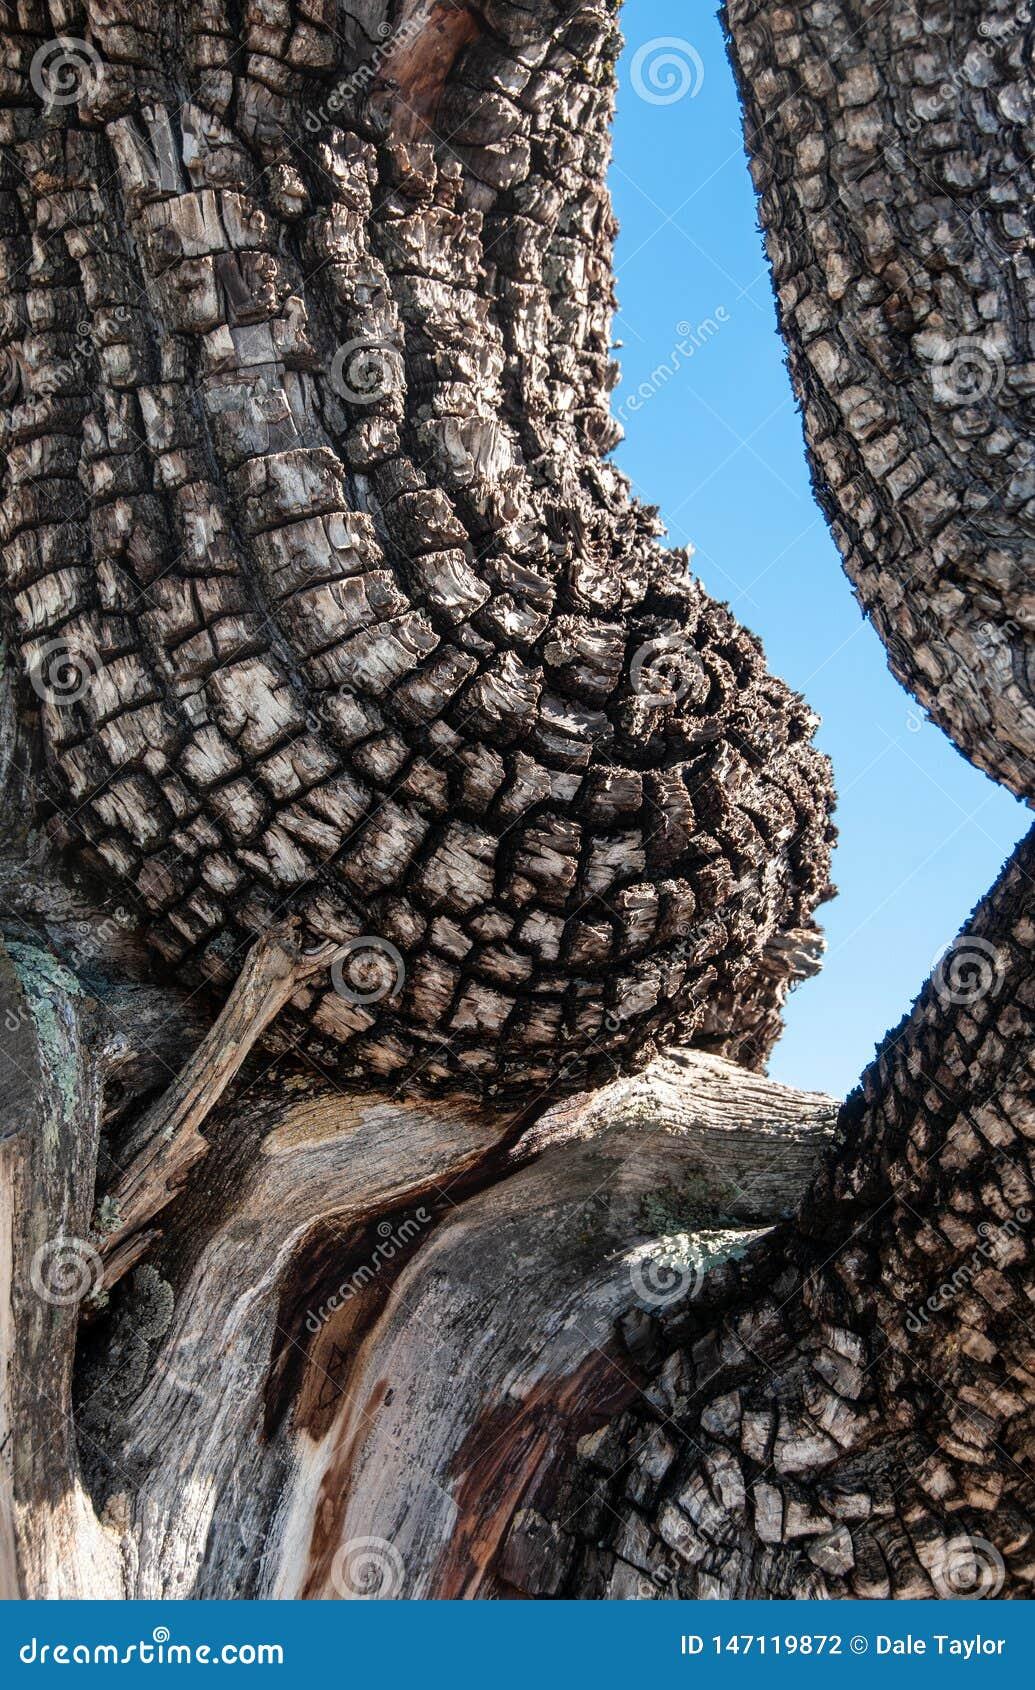 Vertikal detalj av alligatorenträdet som liknar en kvinnas torso